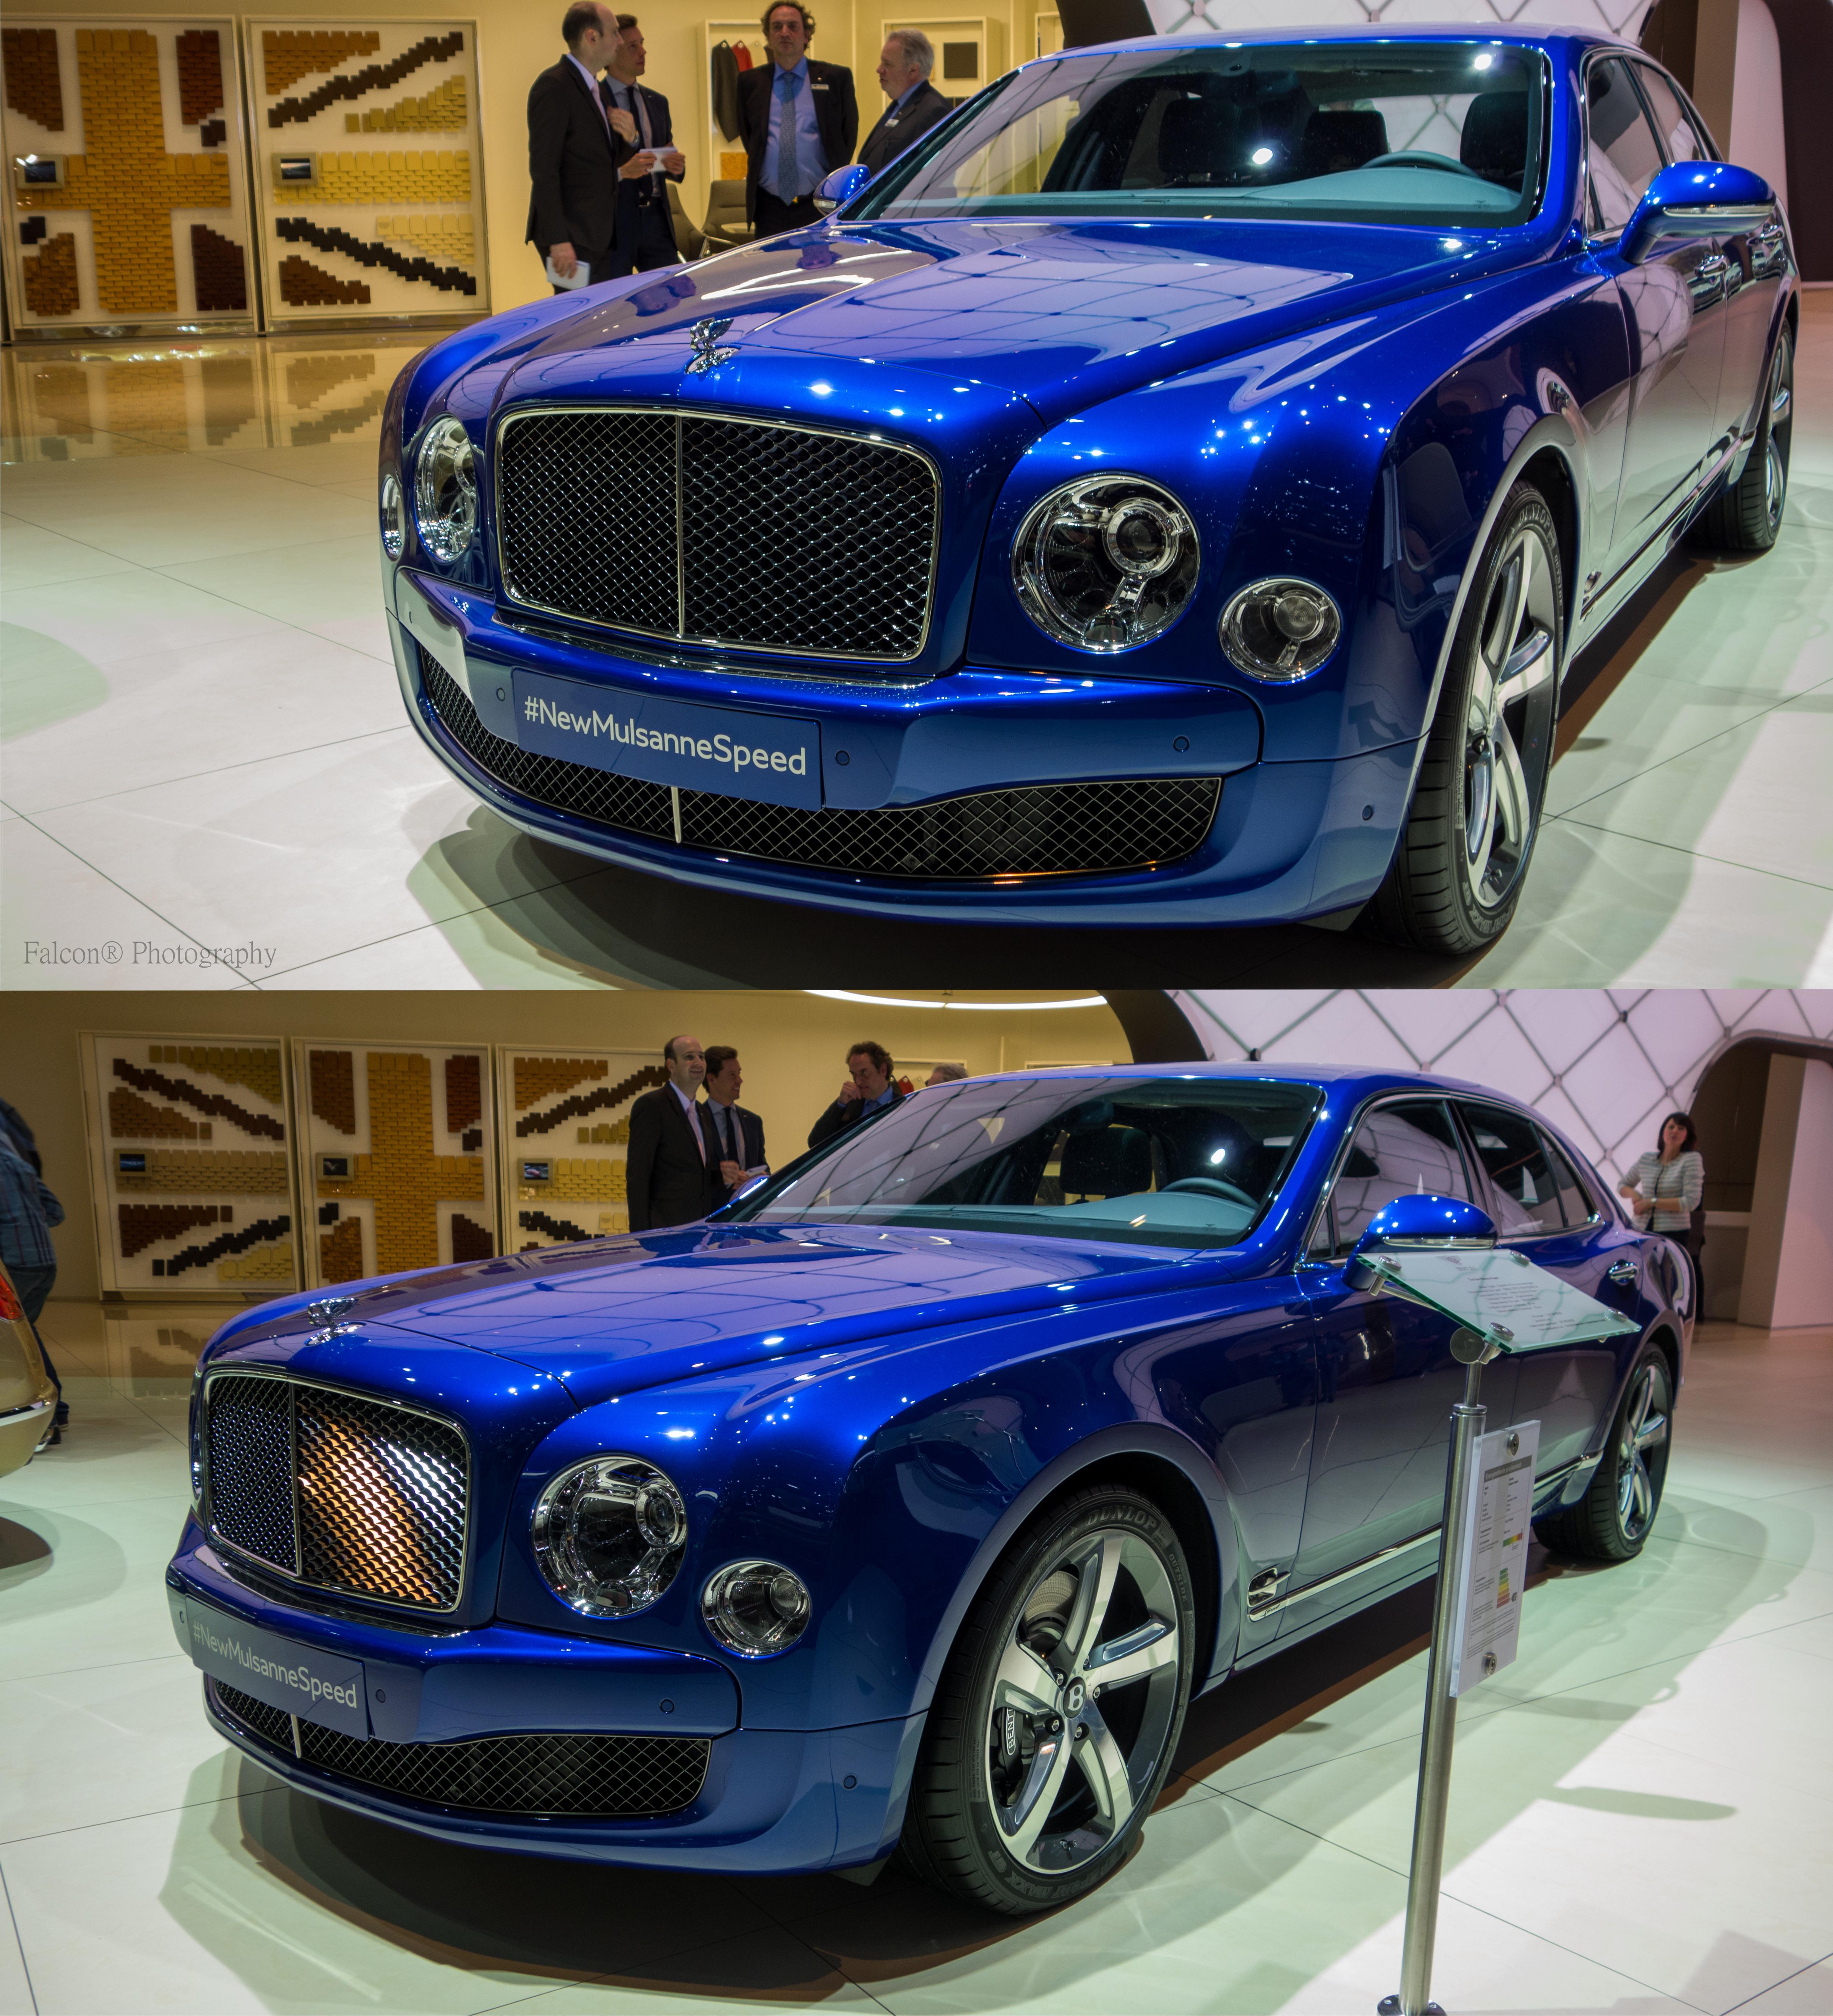 File:Bentley Mulsanne Speed 2015 (26986121721).jpg - Wikimedia Commons